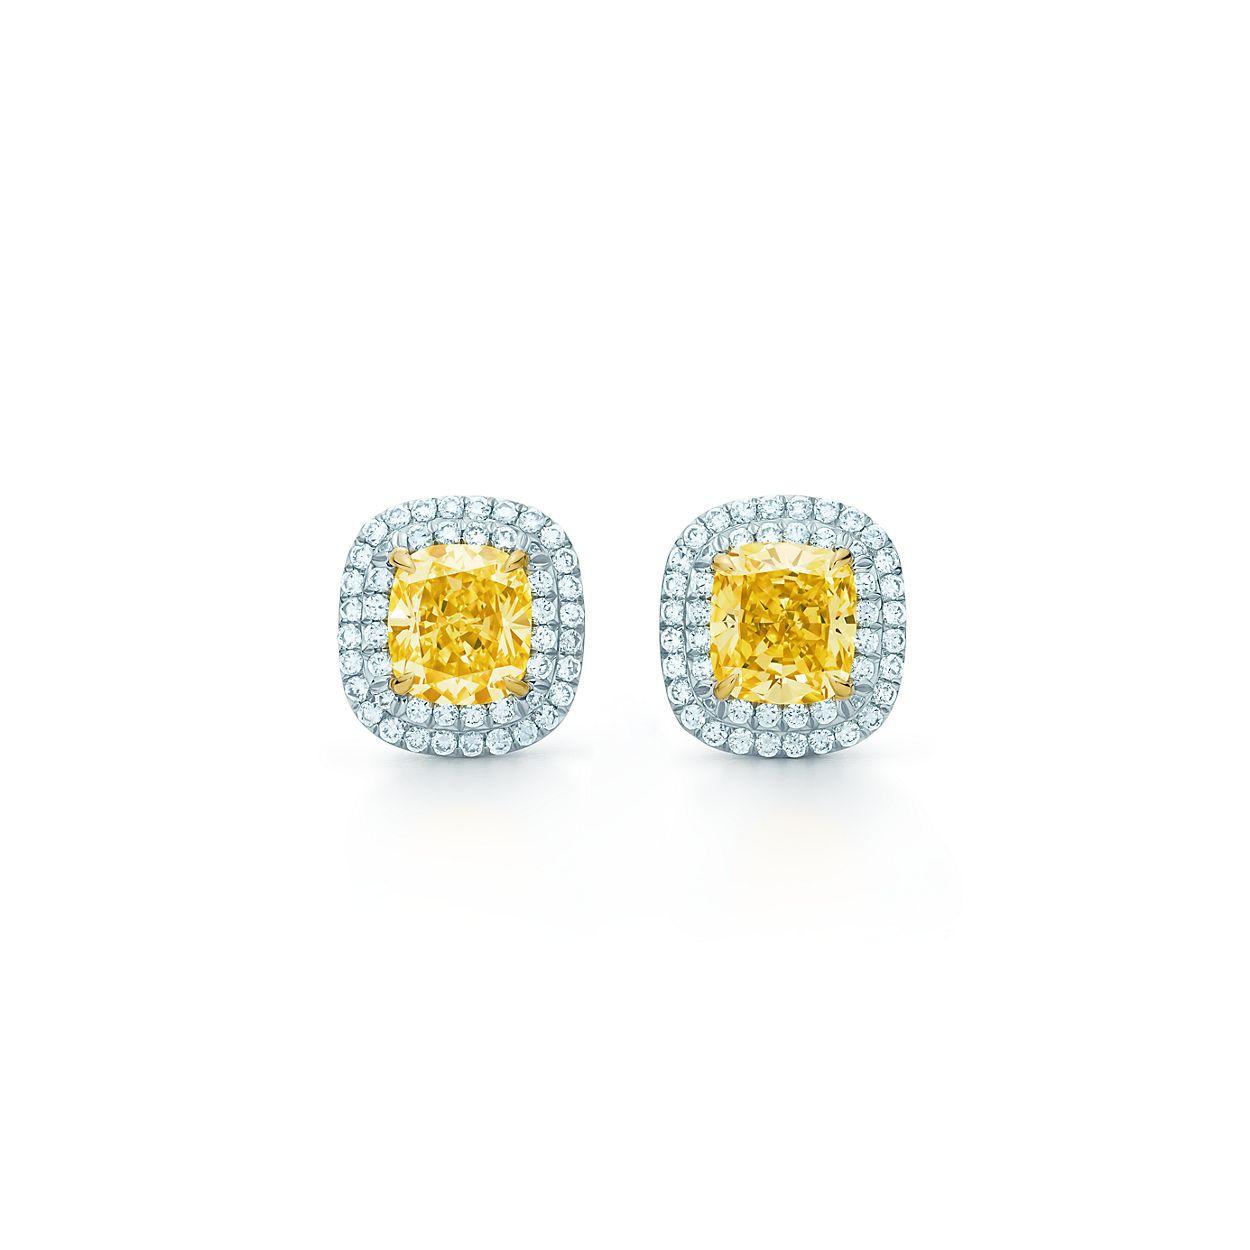 Tiffany Soleste Earrings